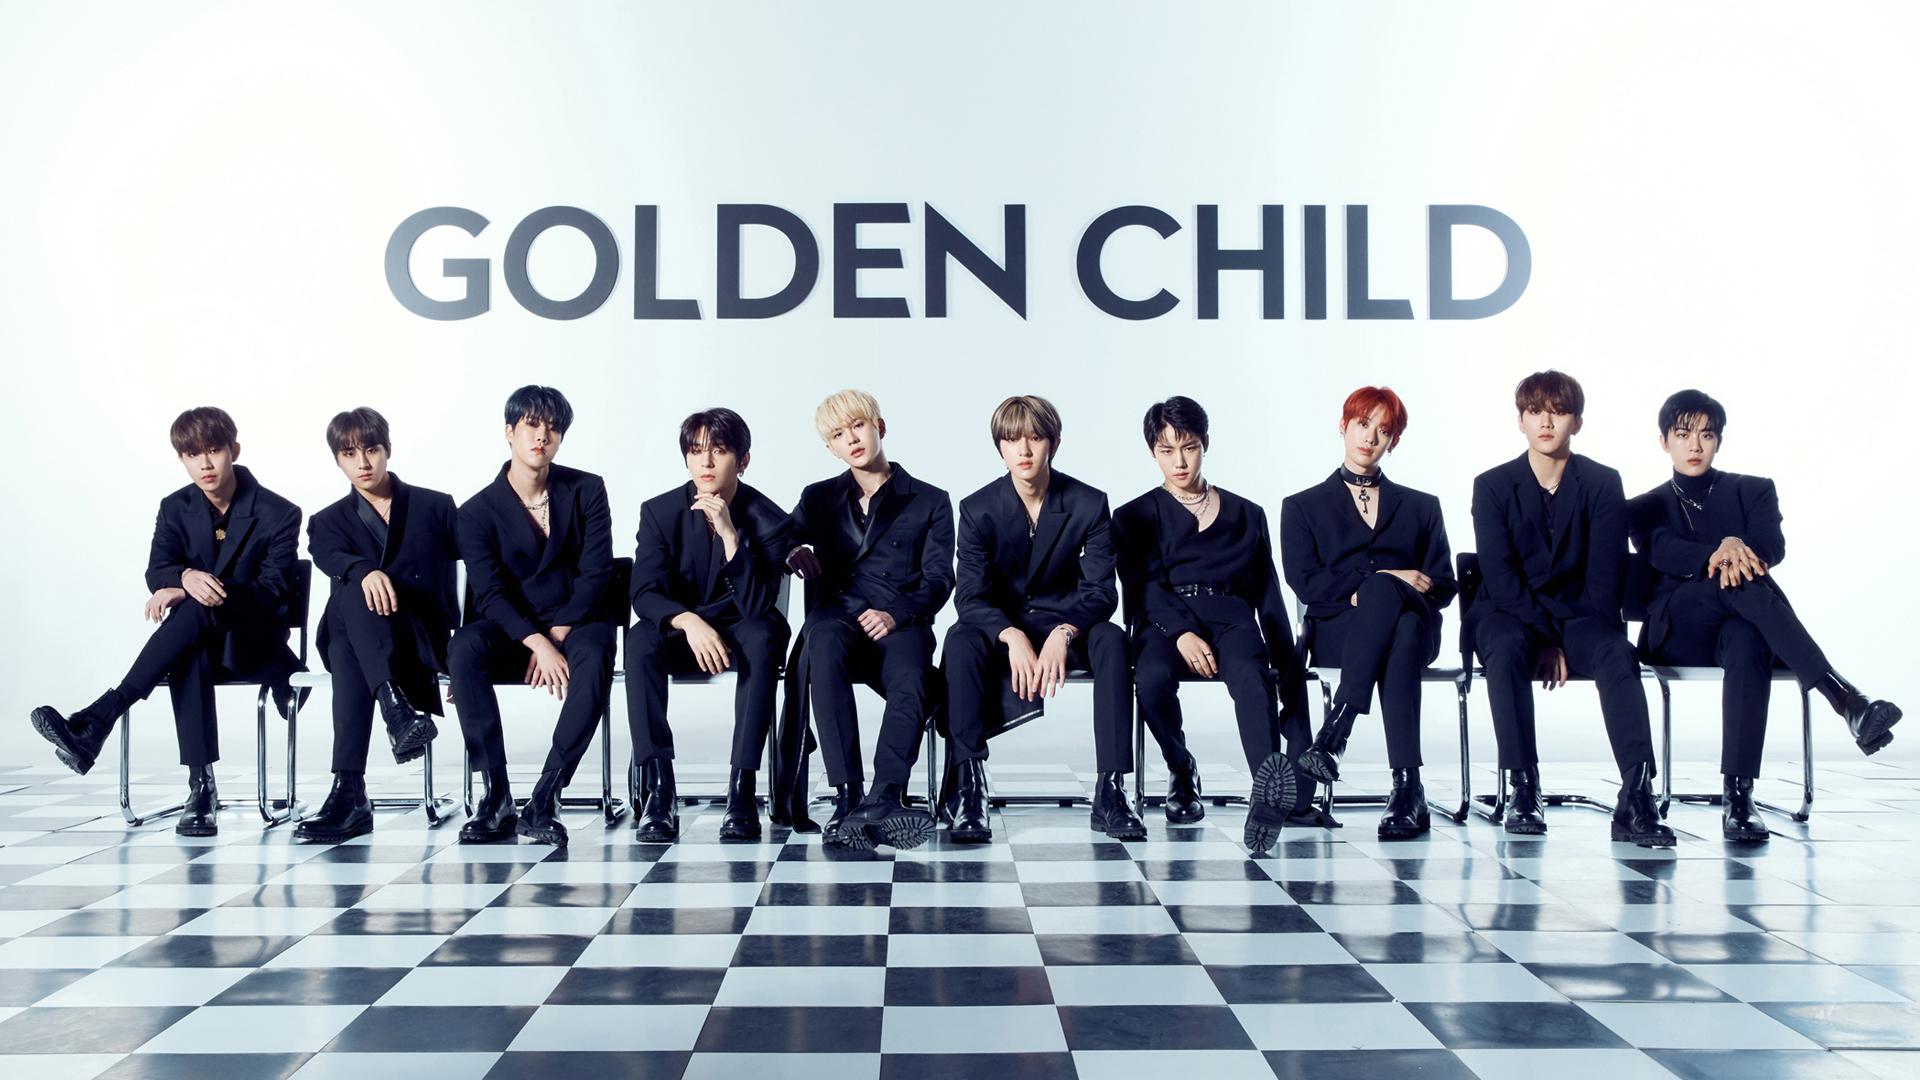 골든차일드(GOLDEN CHILD) 5th Mini Album [YES.] COMEBACK SPECIAL [BURN IT TIME]